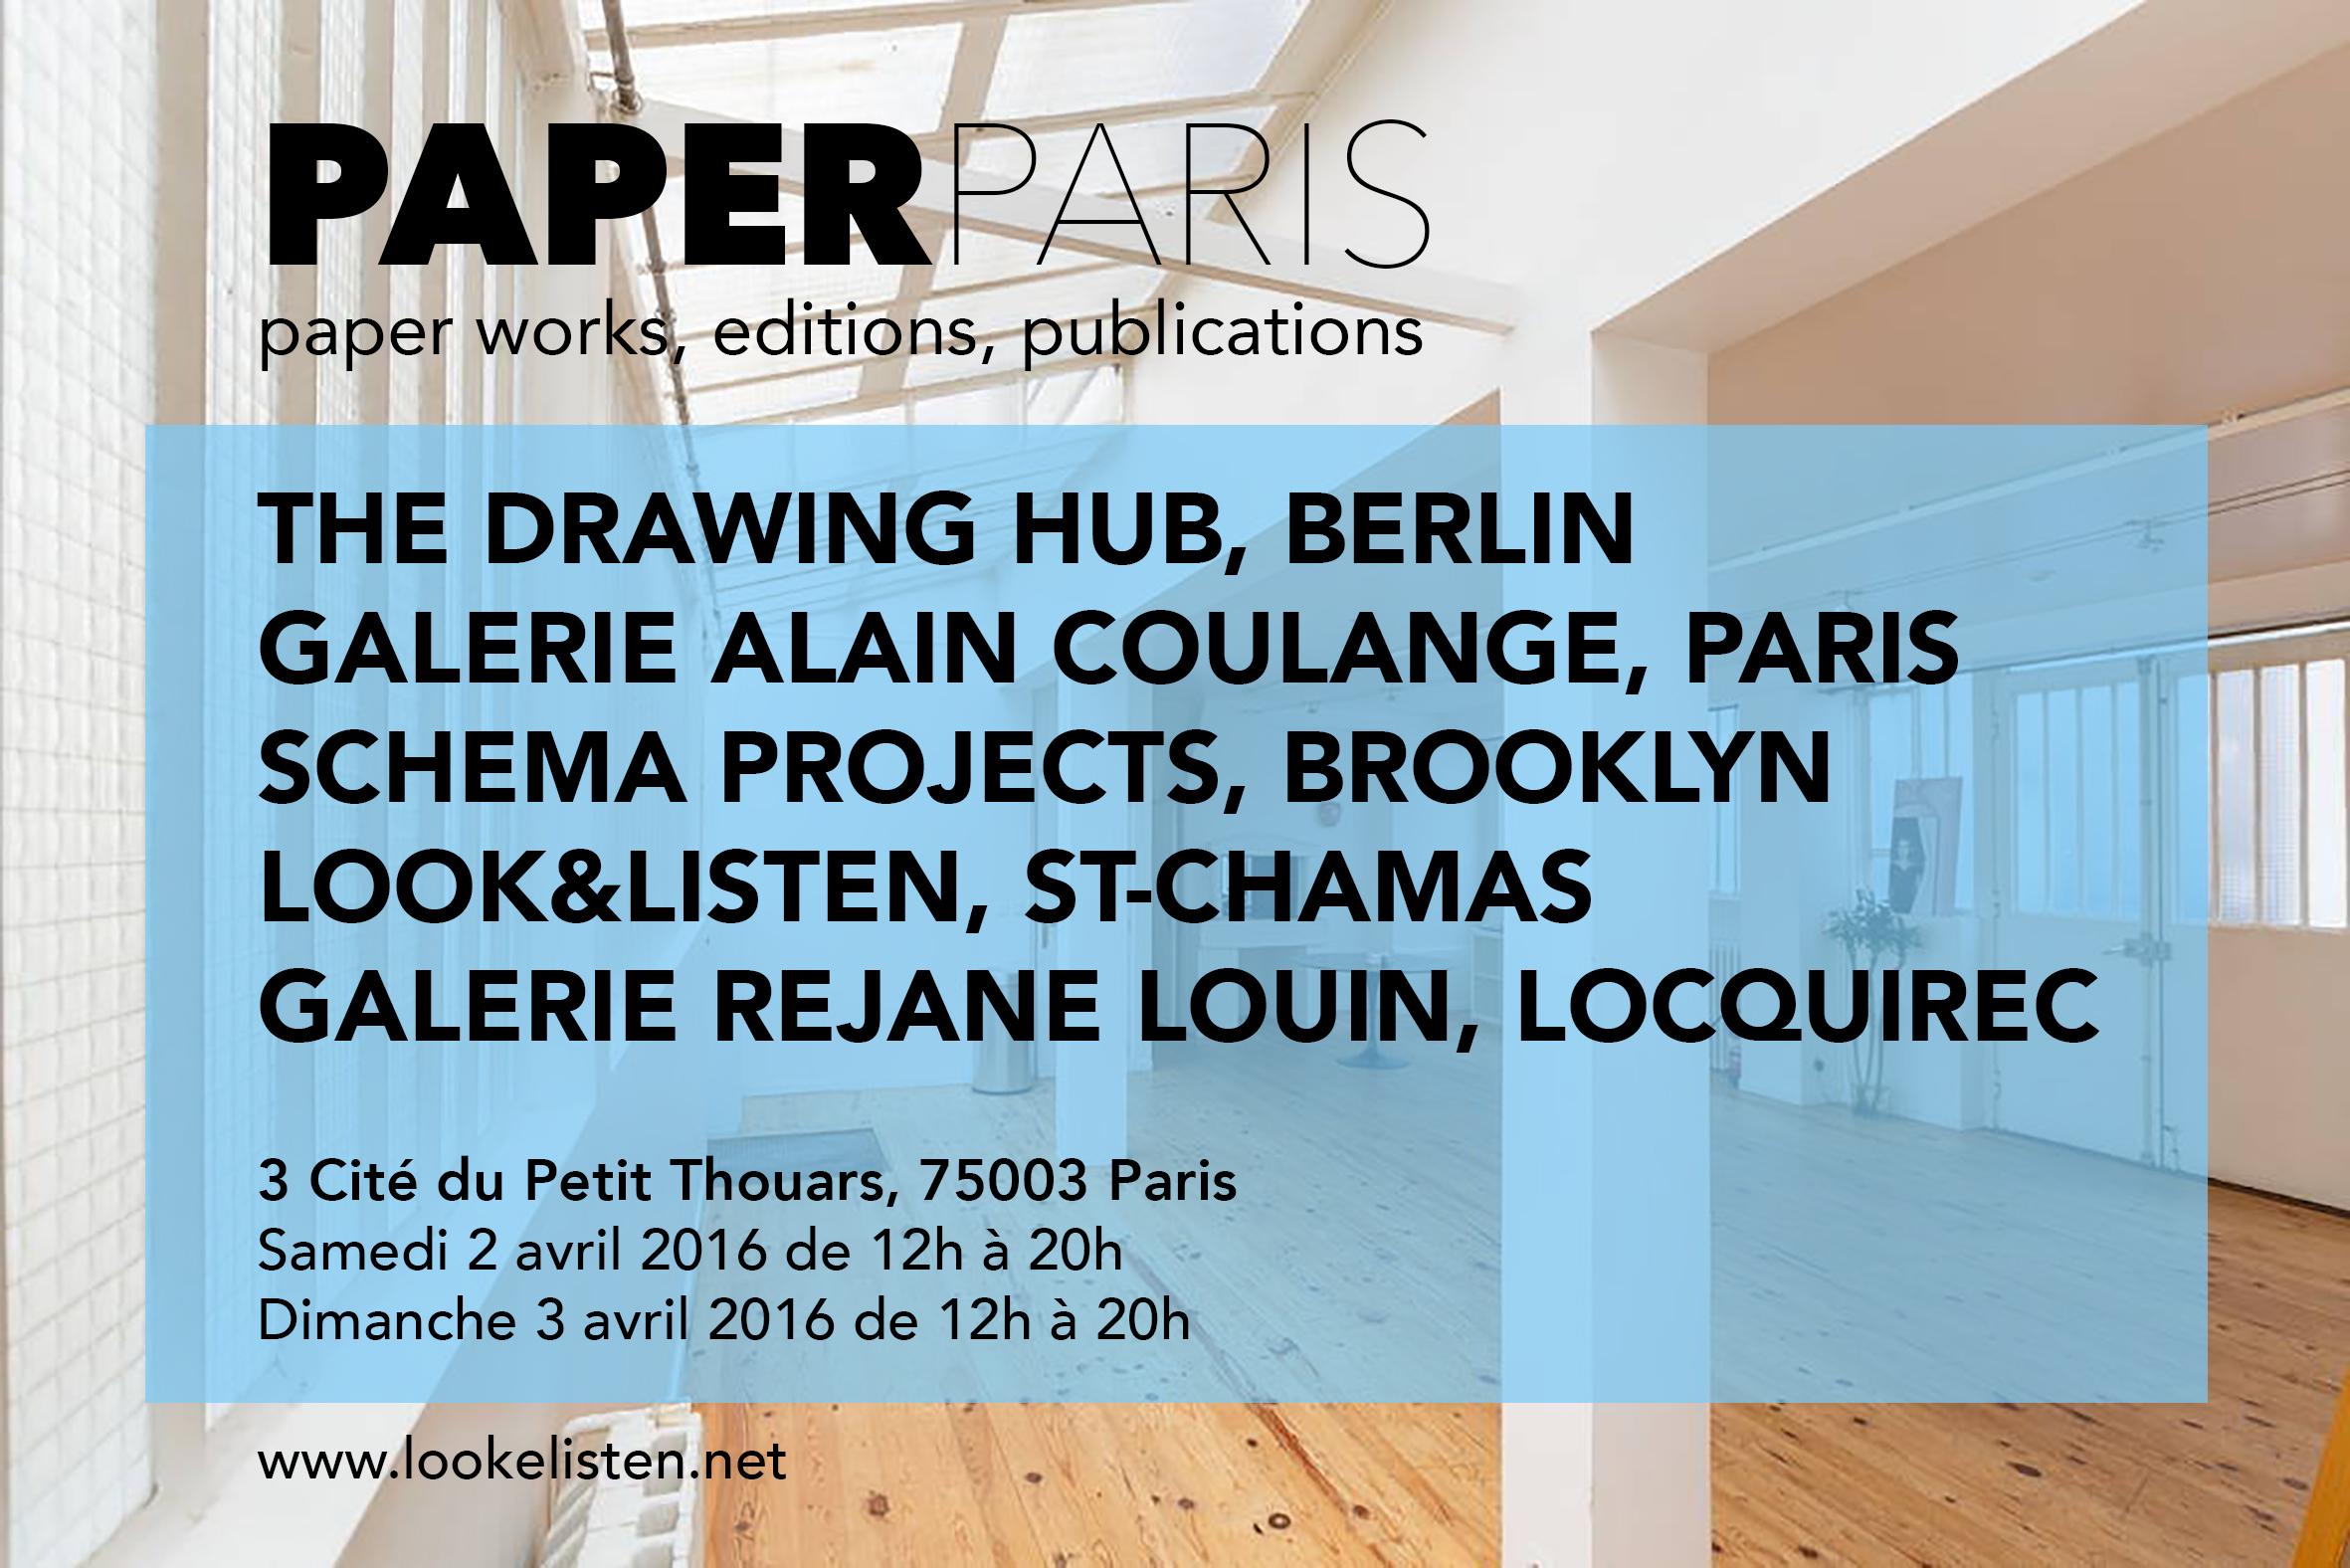 http://paper-paris.com/